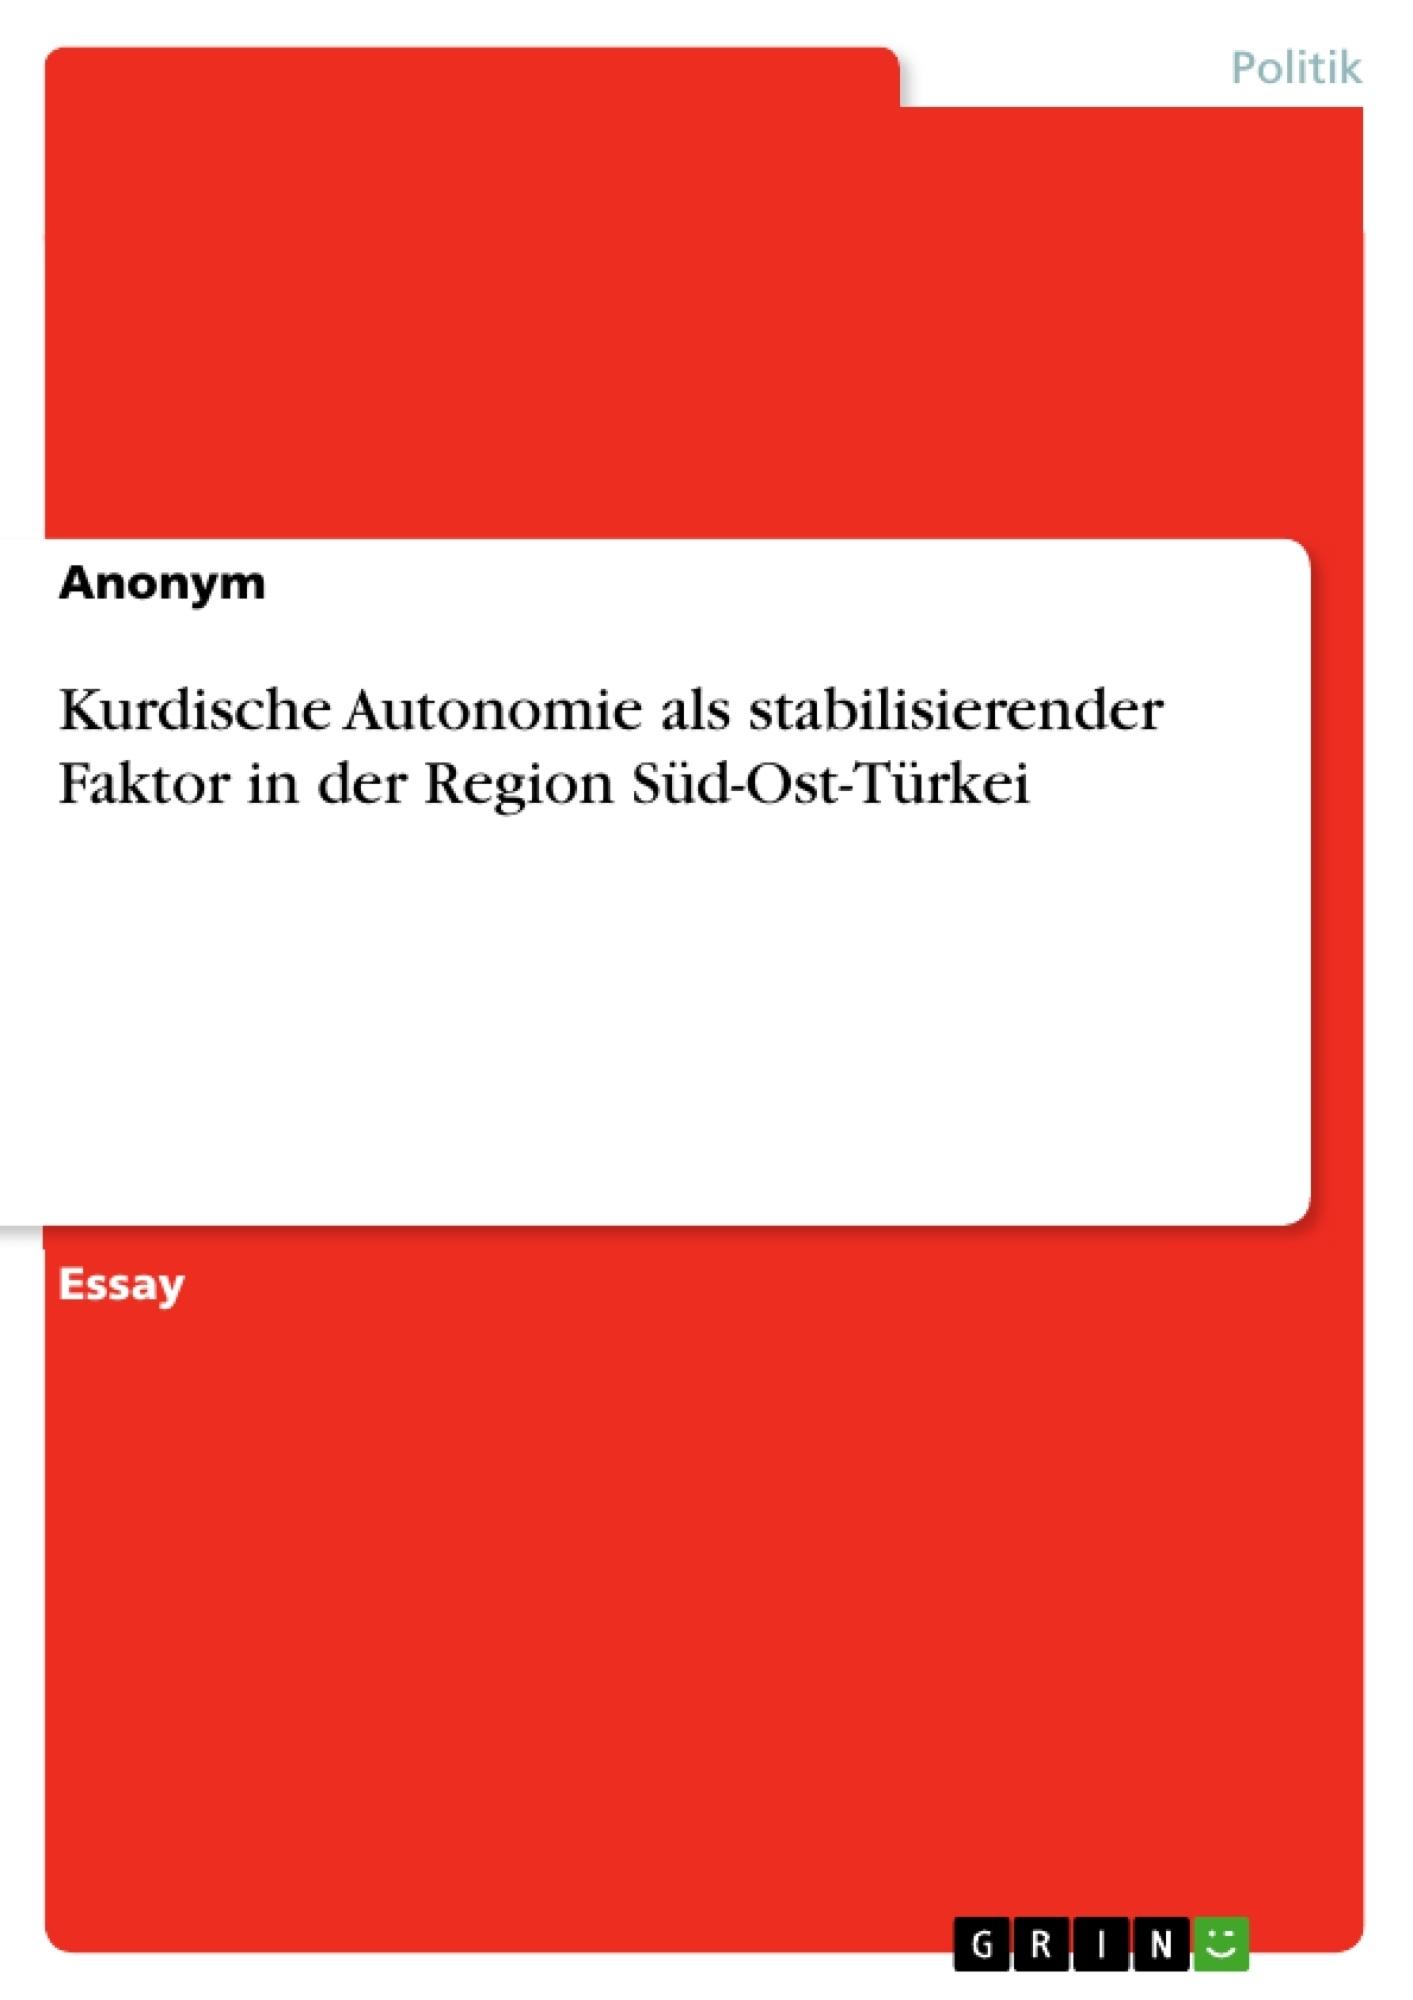 Titel: Kurdische Autonomie als stabilisierender Faktor in der Region Süd-Ost-Türkei